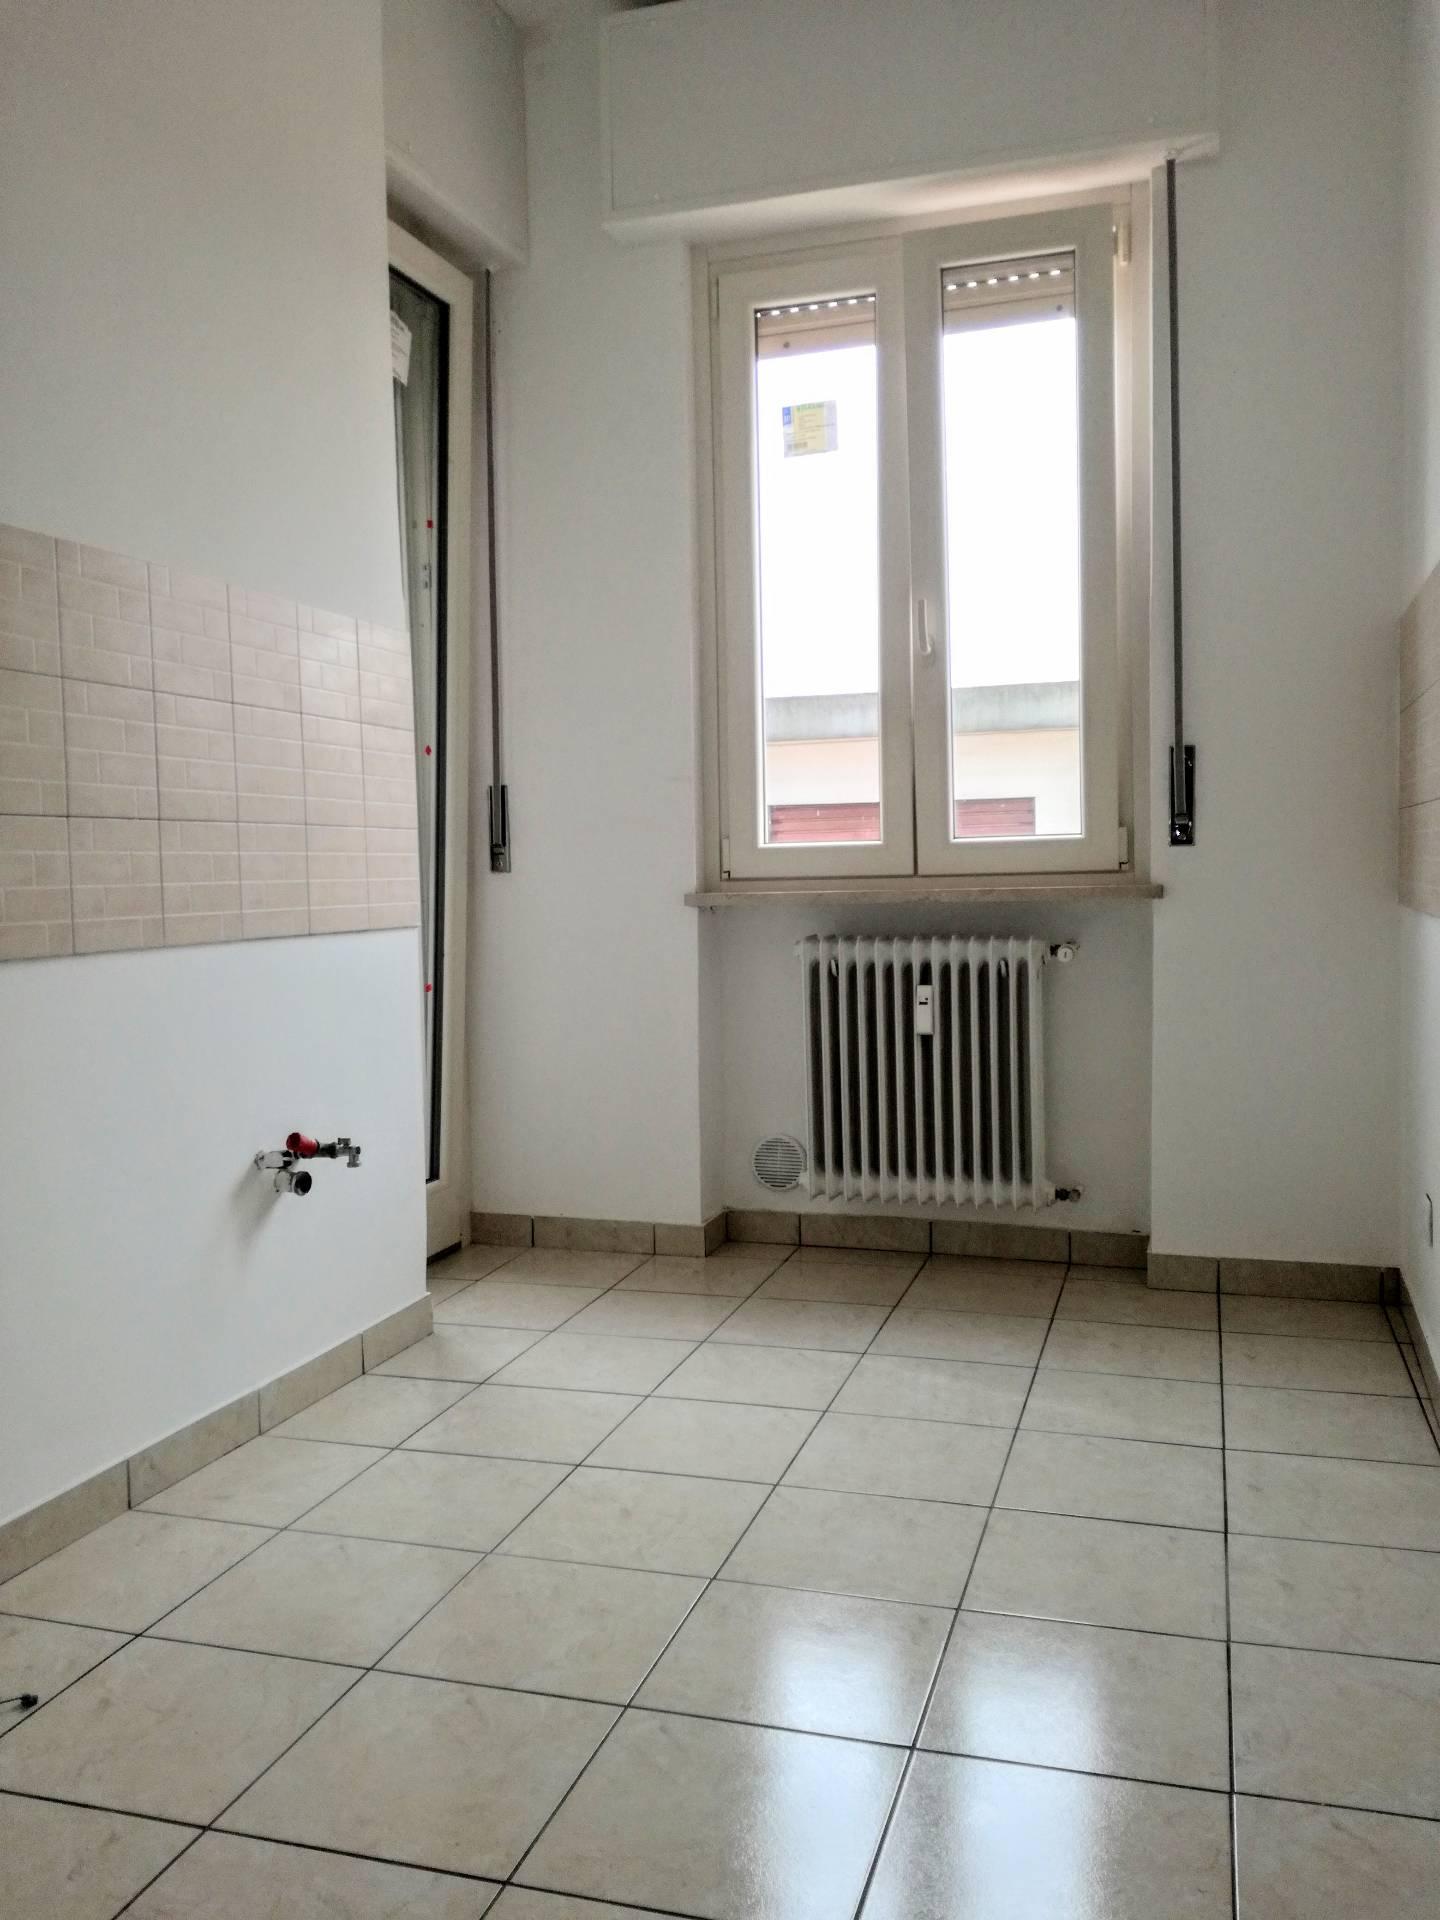 Appartamento in affitto a Casale Monferrato, 4 locali, zona Zona: Popolo, prezzo € 350 | Cambio Casa.it